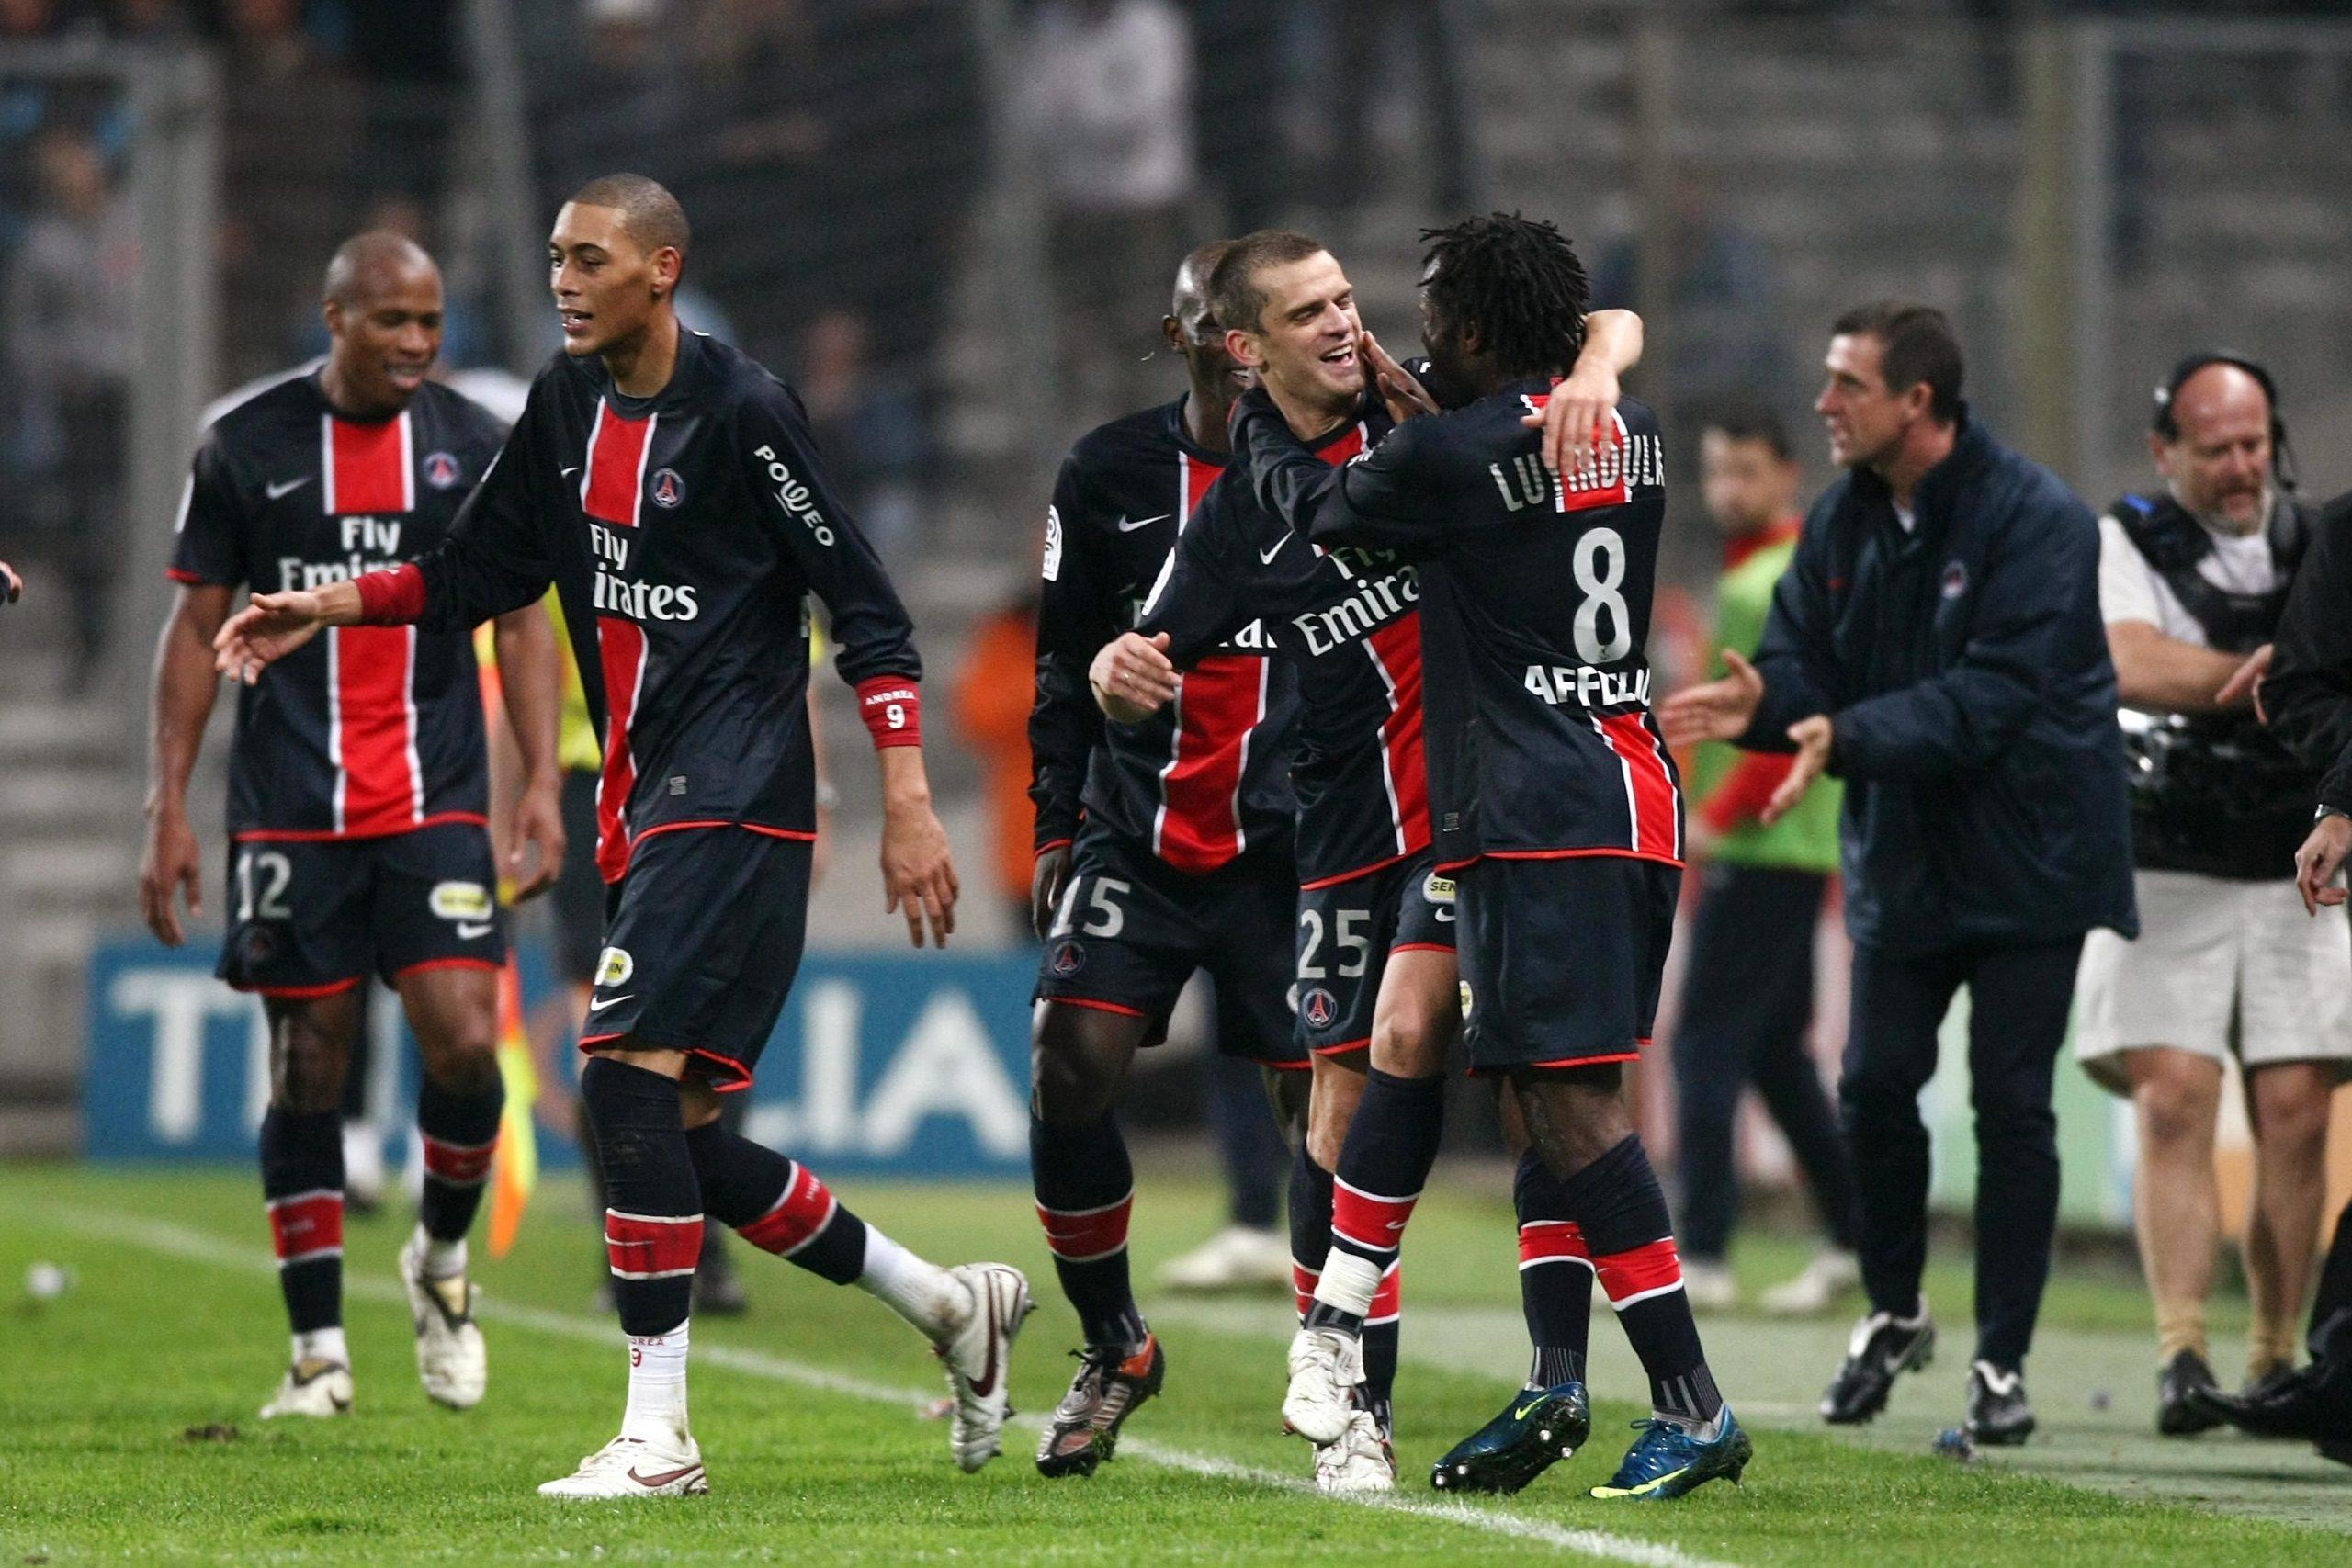 Les images du PSG ce samedi : occupations, victoire à Marseille et anniversaire de Gameiro